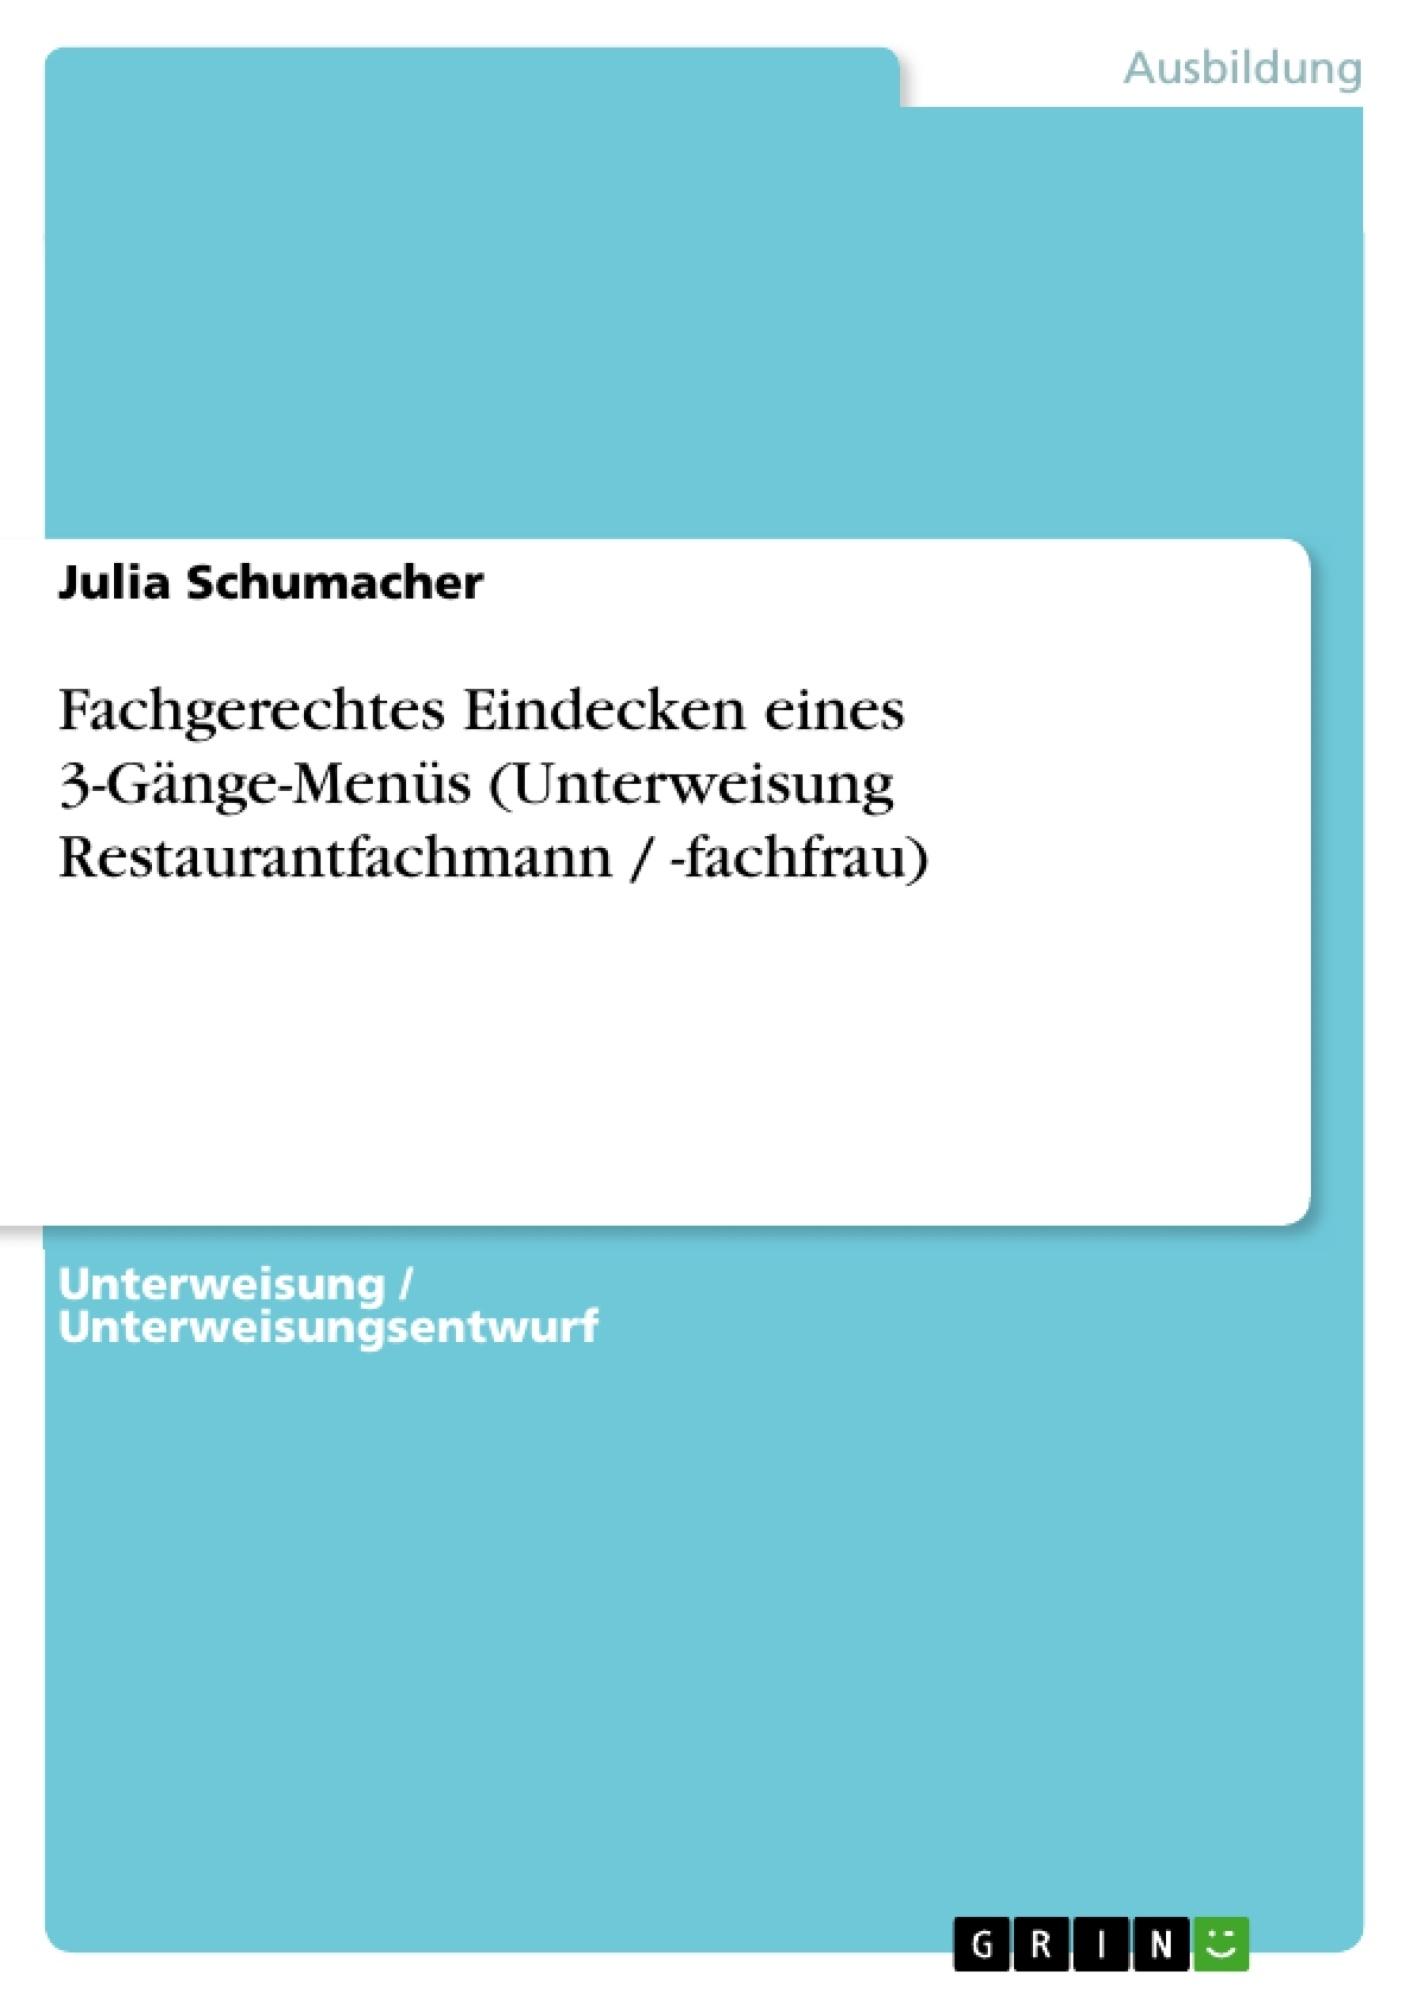 Titel: Fachgerechtes Eindecken eines 3-Gänge-Menüs (Unterweisung Restaurantfachmann / -fachfrau)